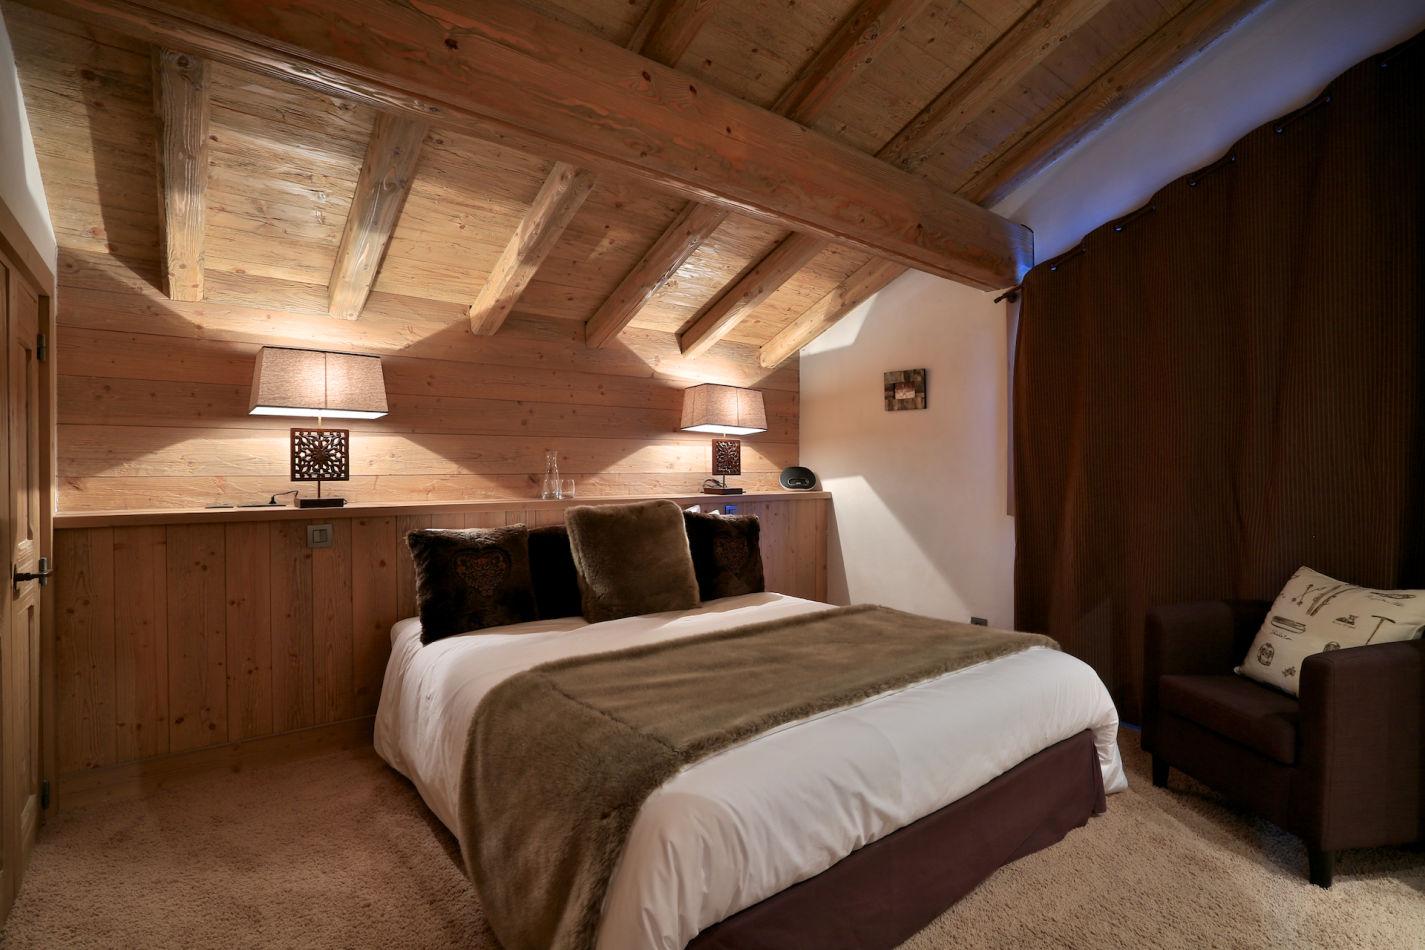 bedroom-2-in-evening-image-106